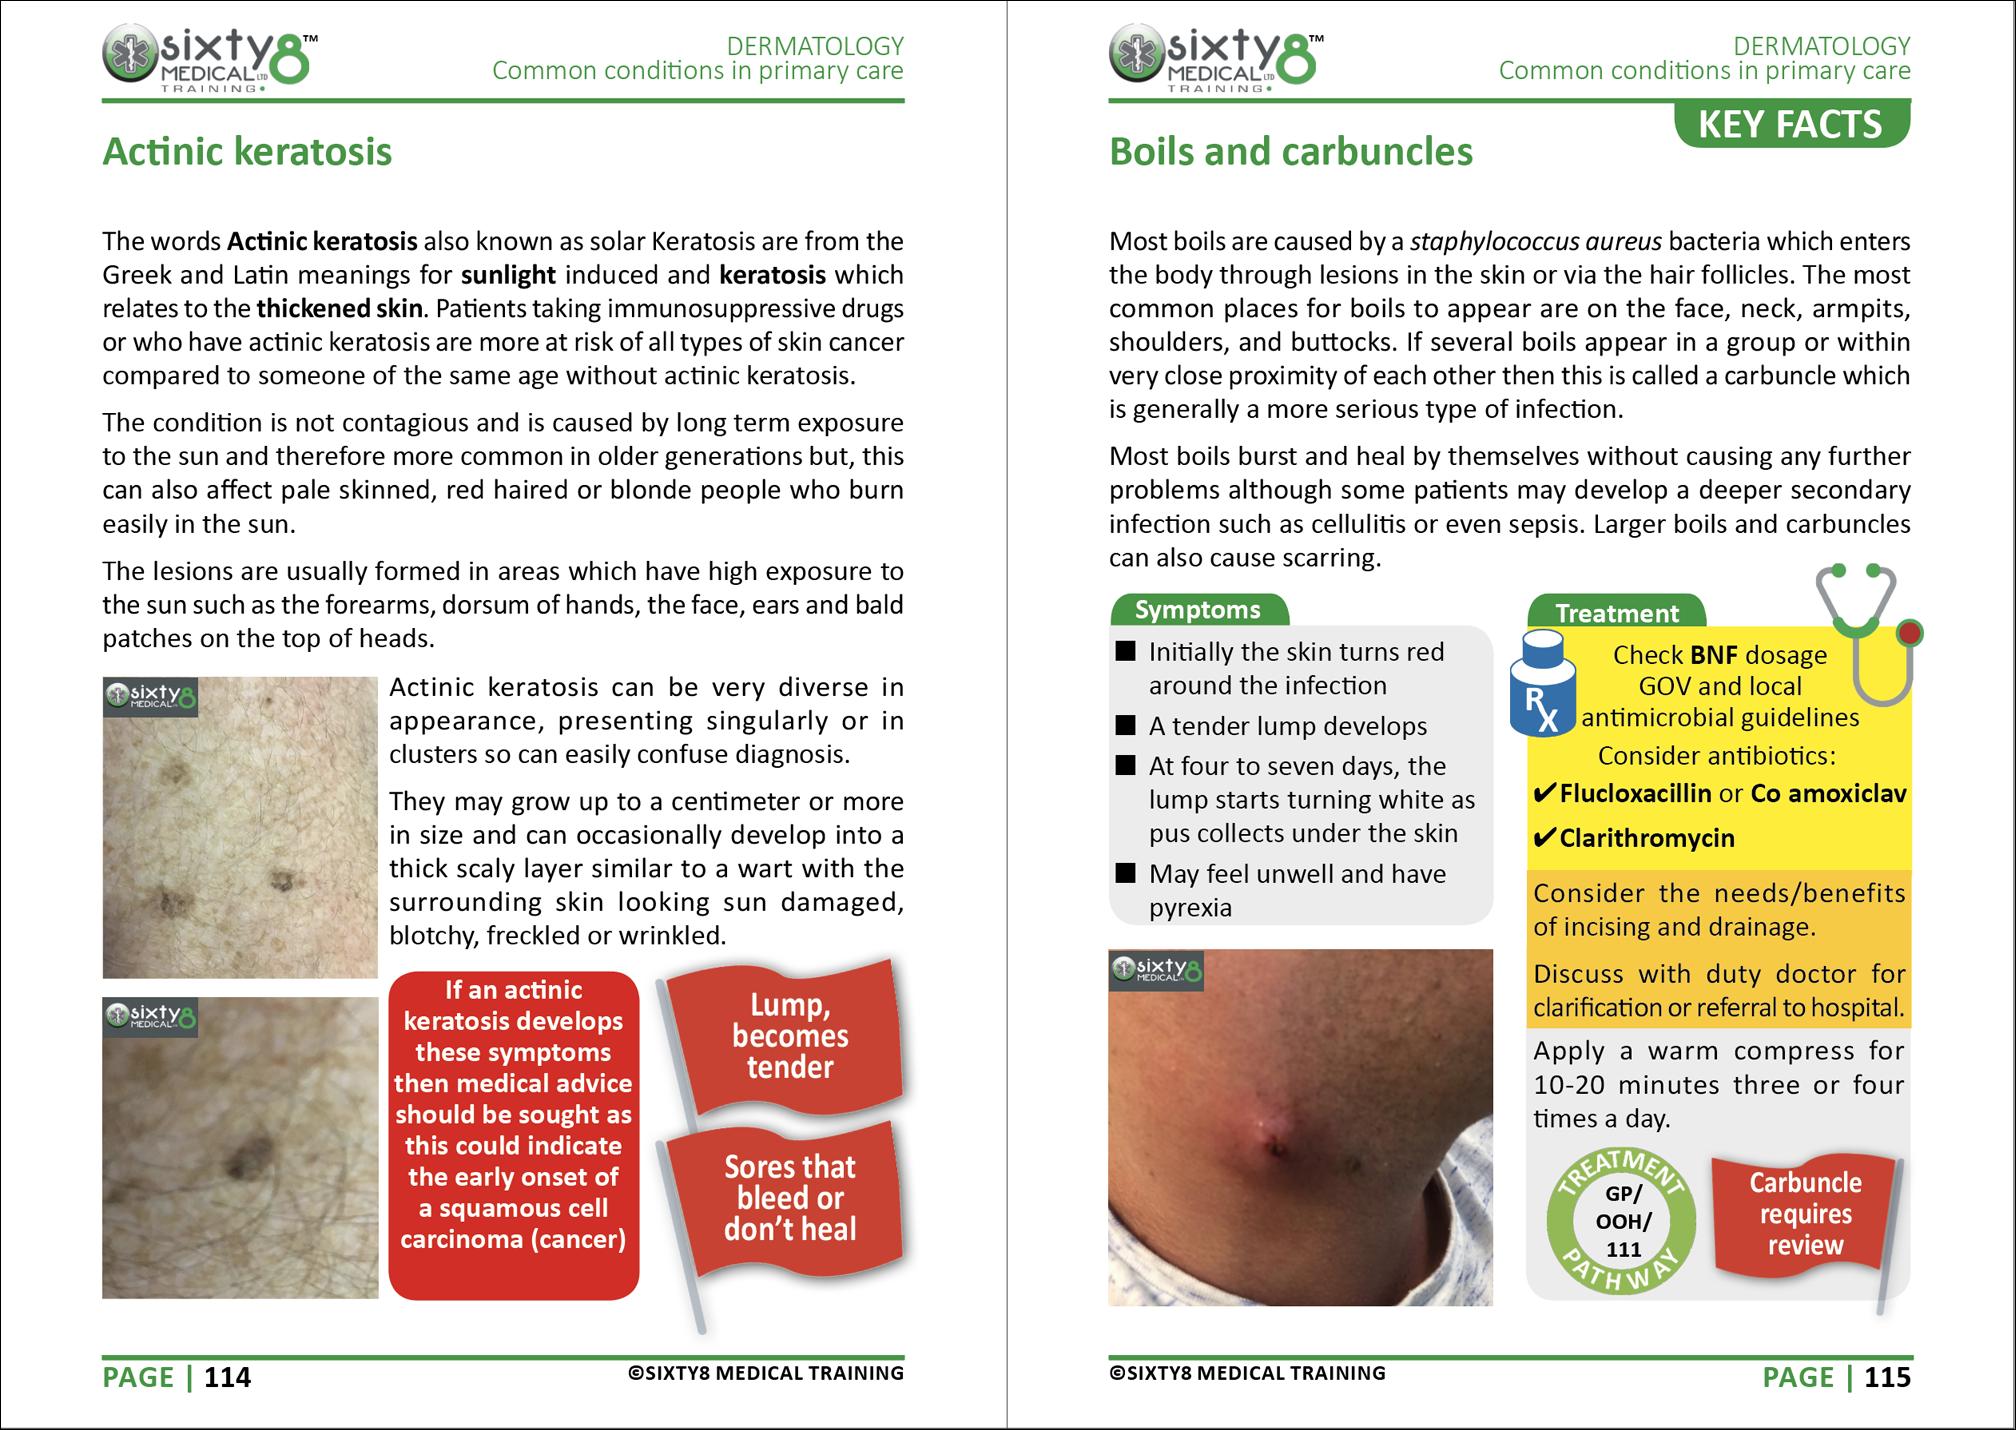 Dermatology - Dermatology